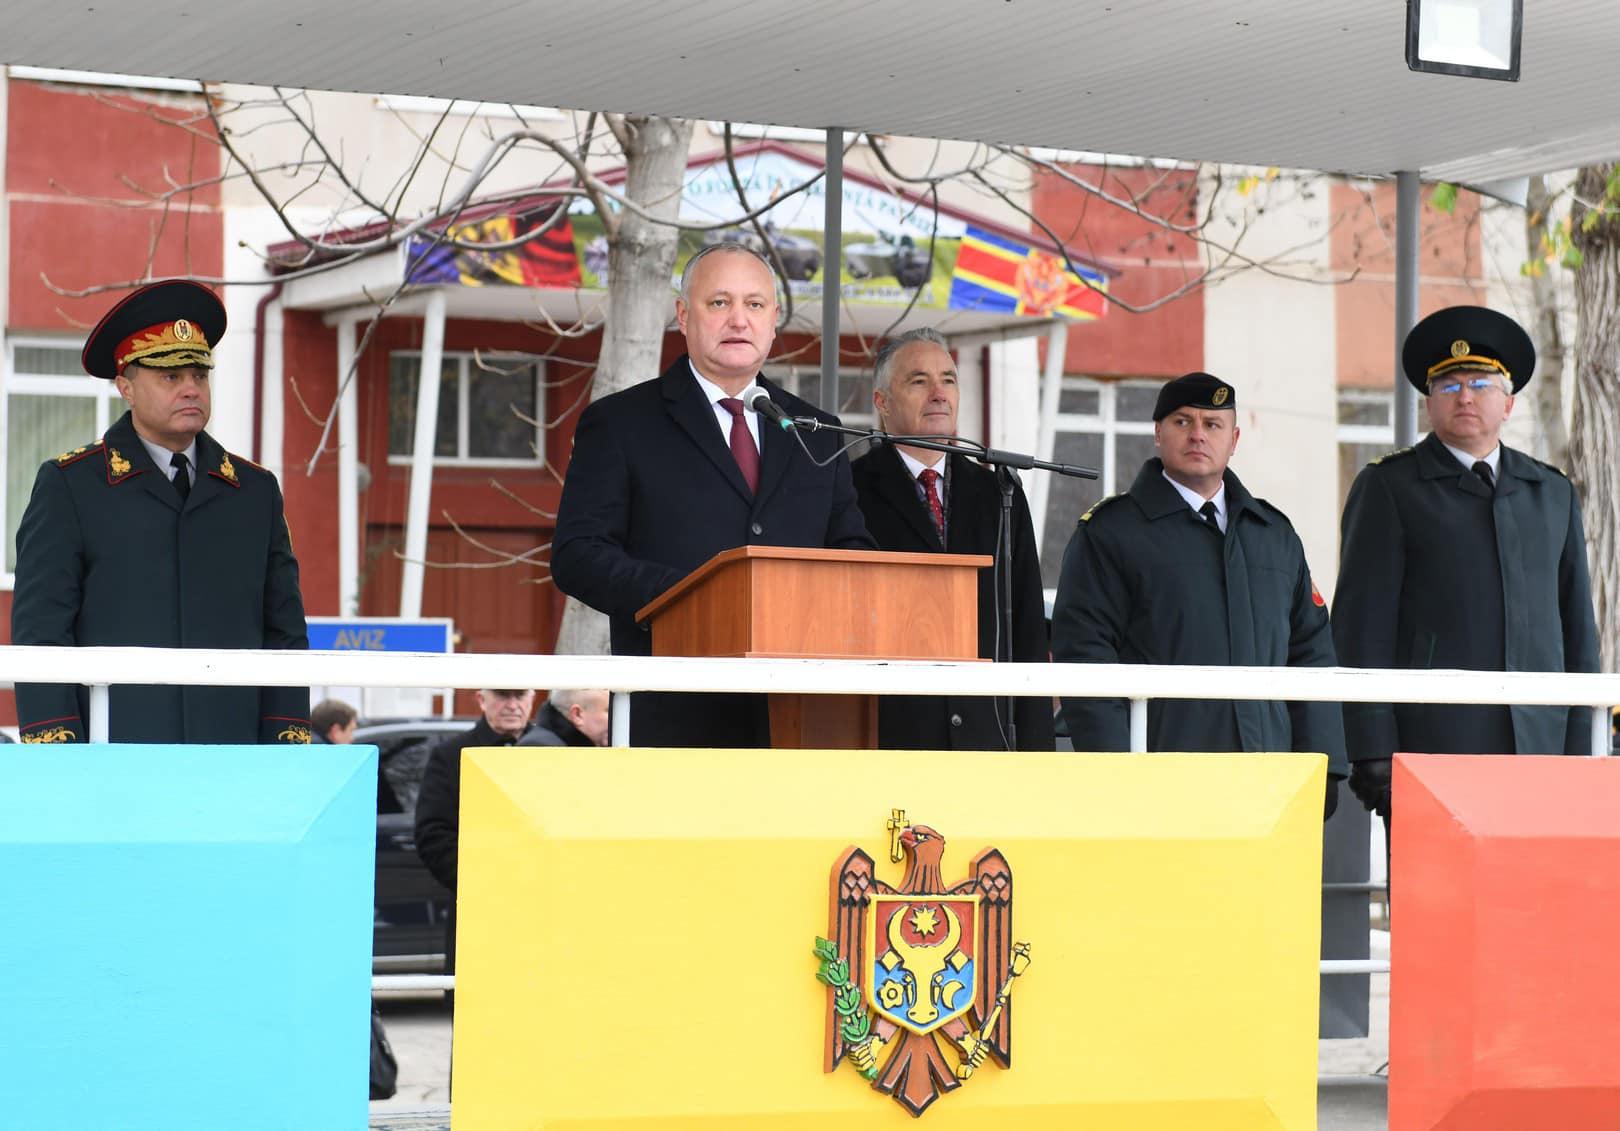 Додон: Национальная армия играет основную роль в обеспечении суверенитета и независимости Республики Молдова (ФОТО, ВИДЕО)